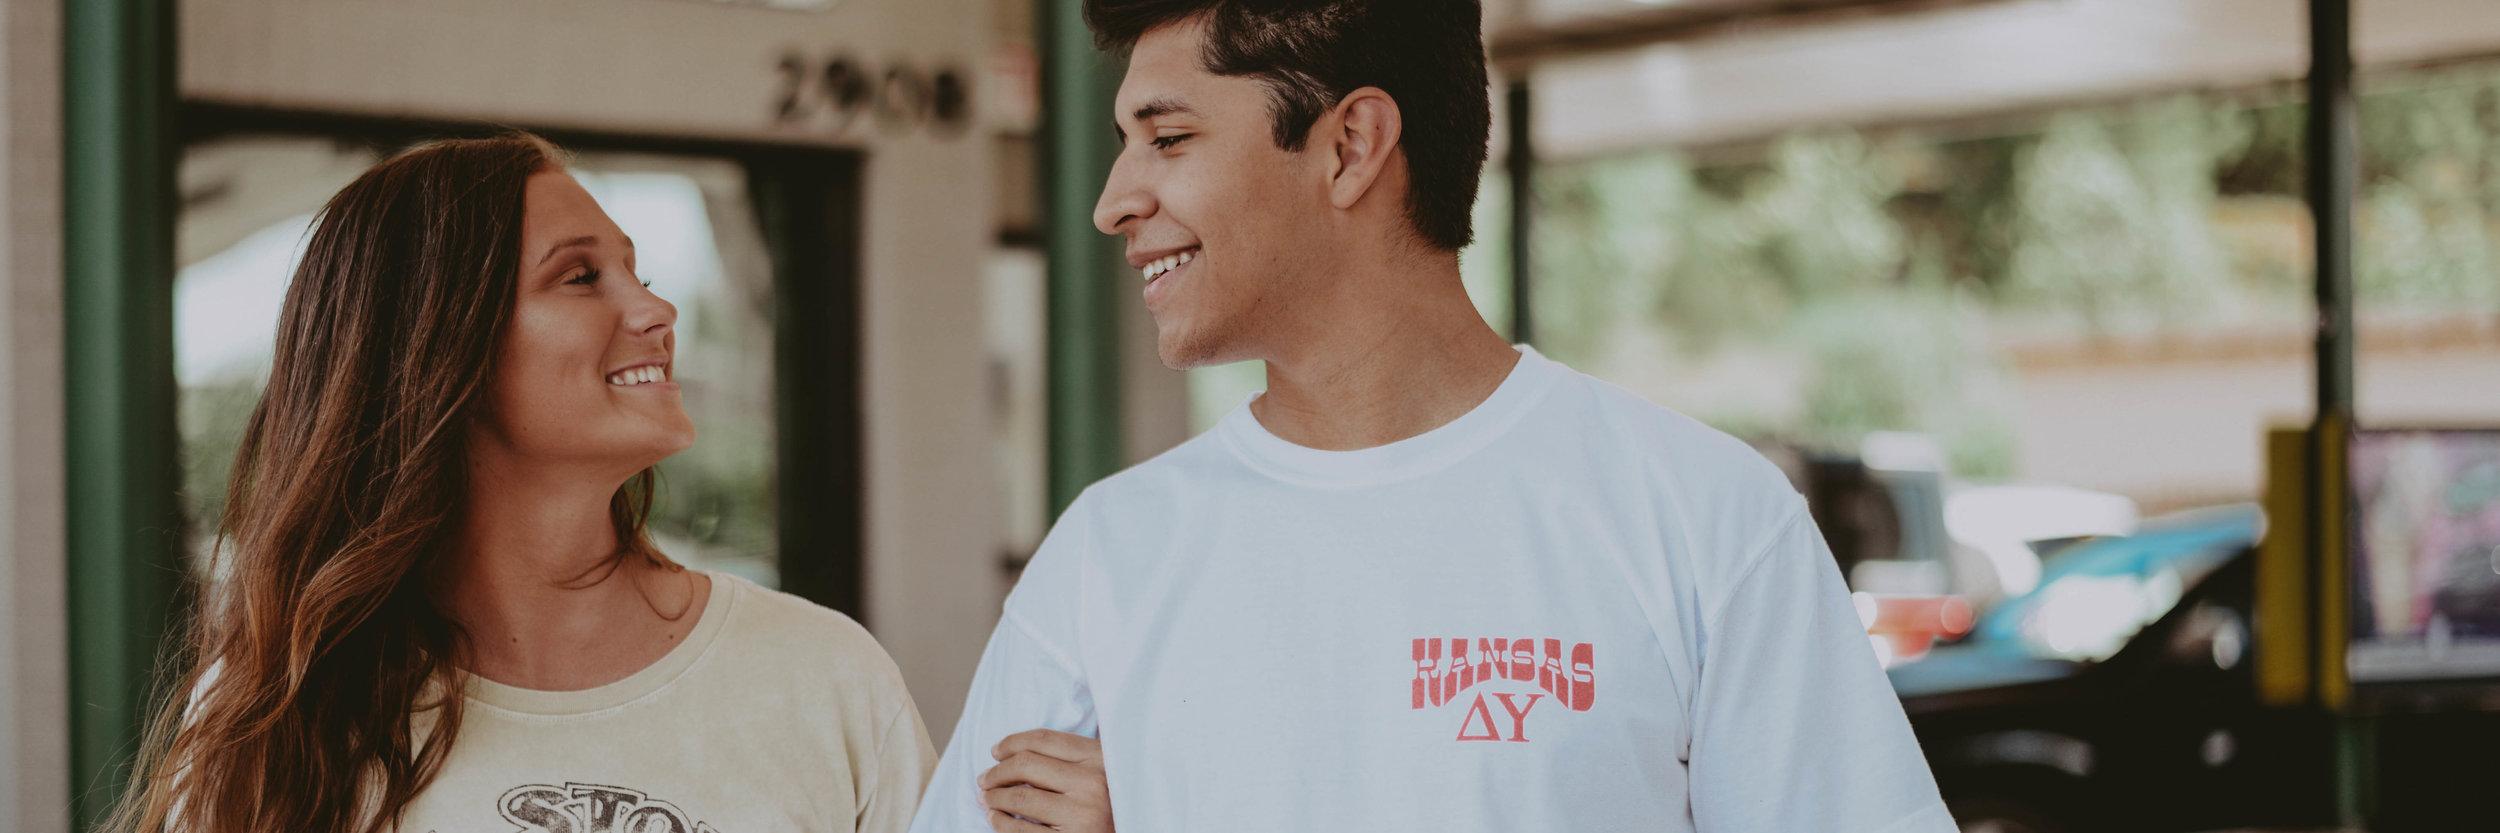 PR Tshirts -